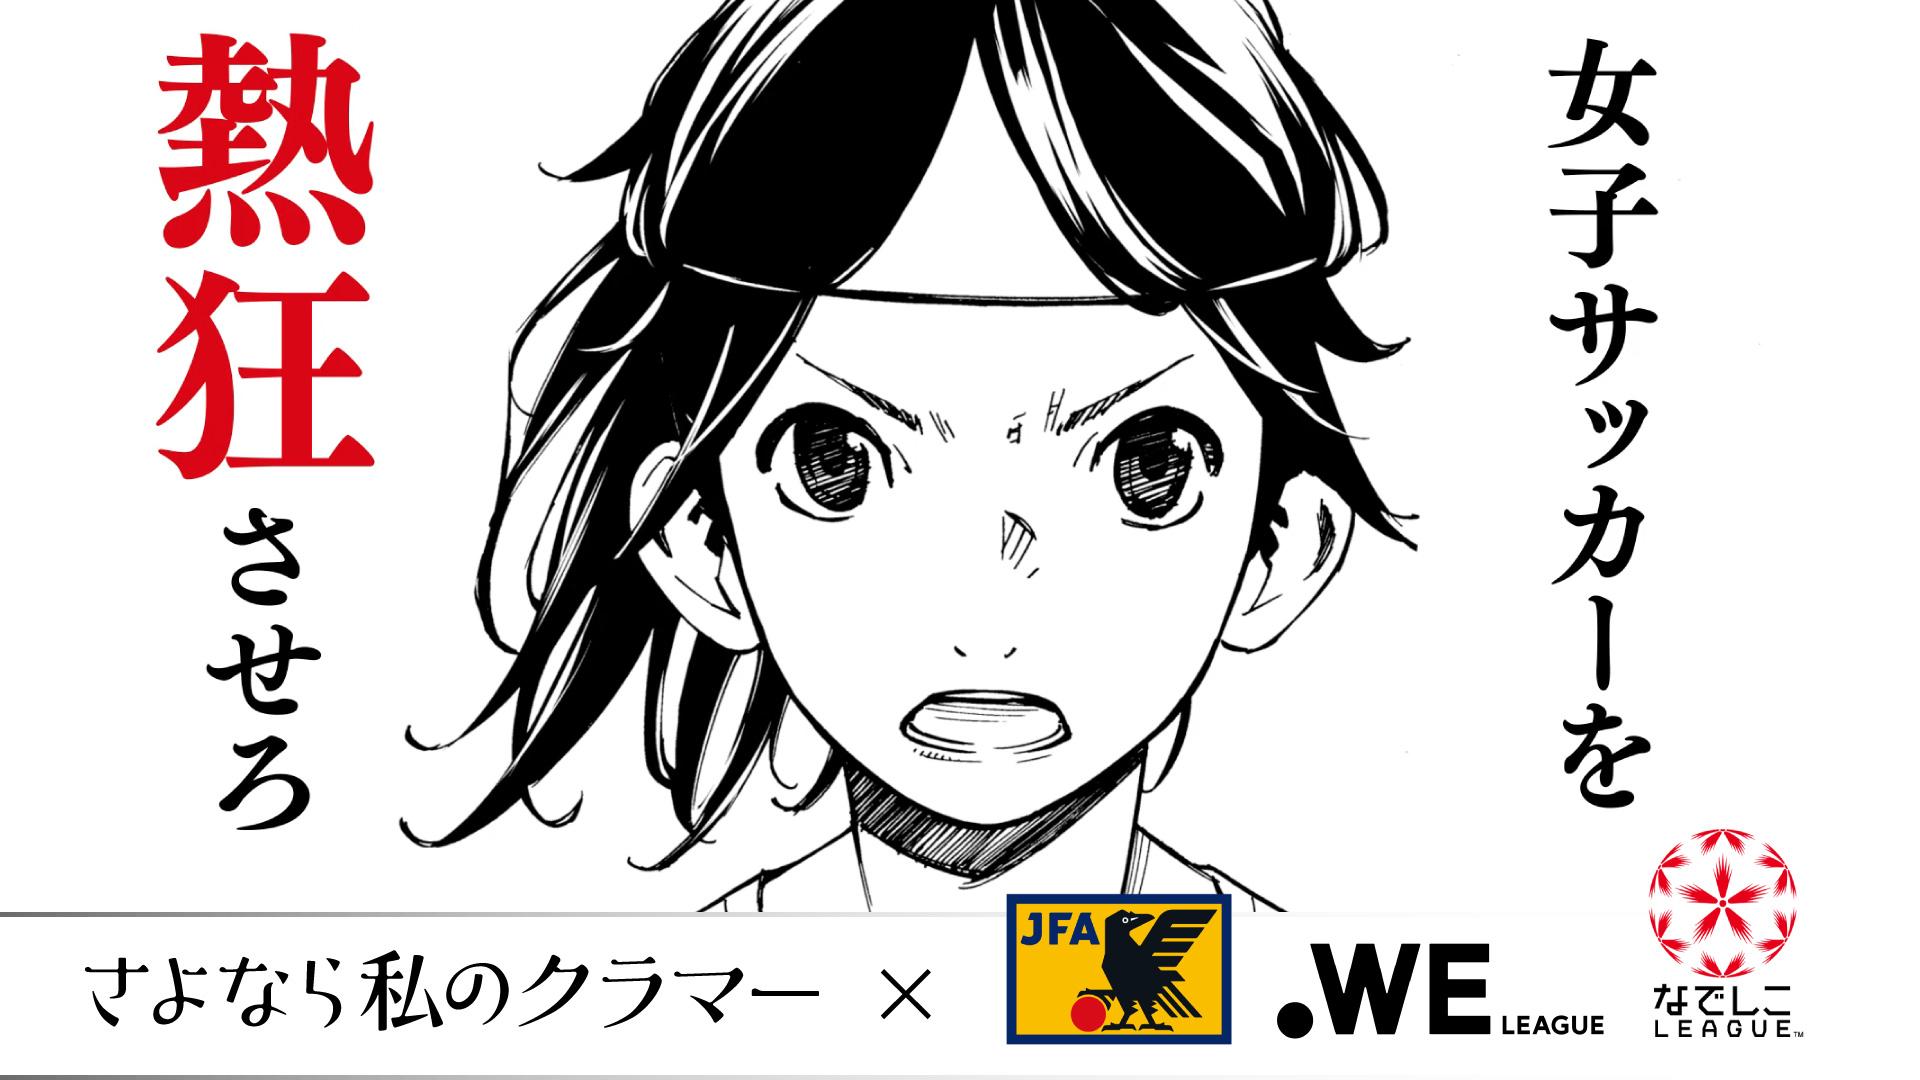 「さよなら私のクラマー × JFA・WEリーグ・なでしこリーグ コラボ映像」公開!